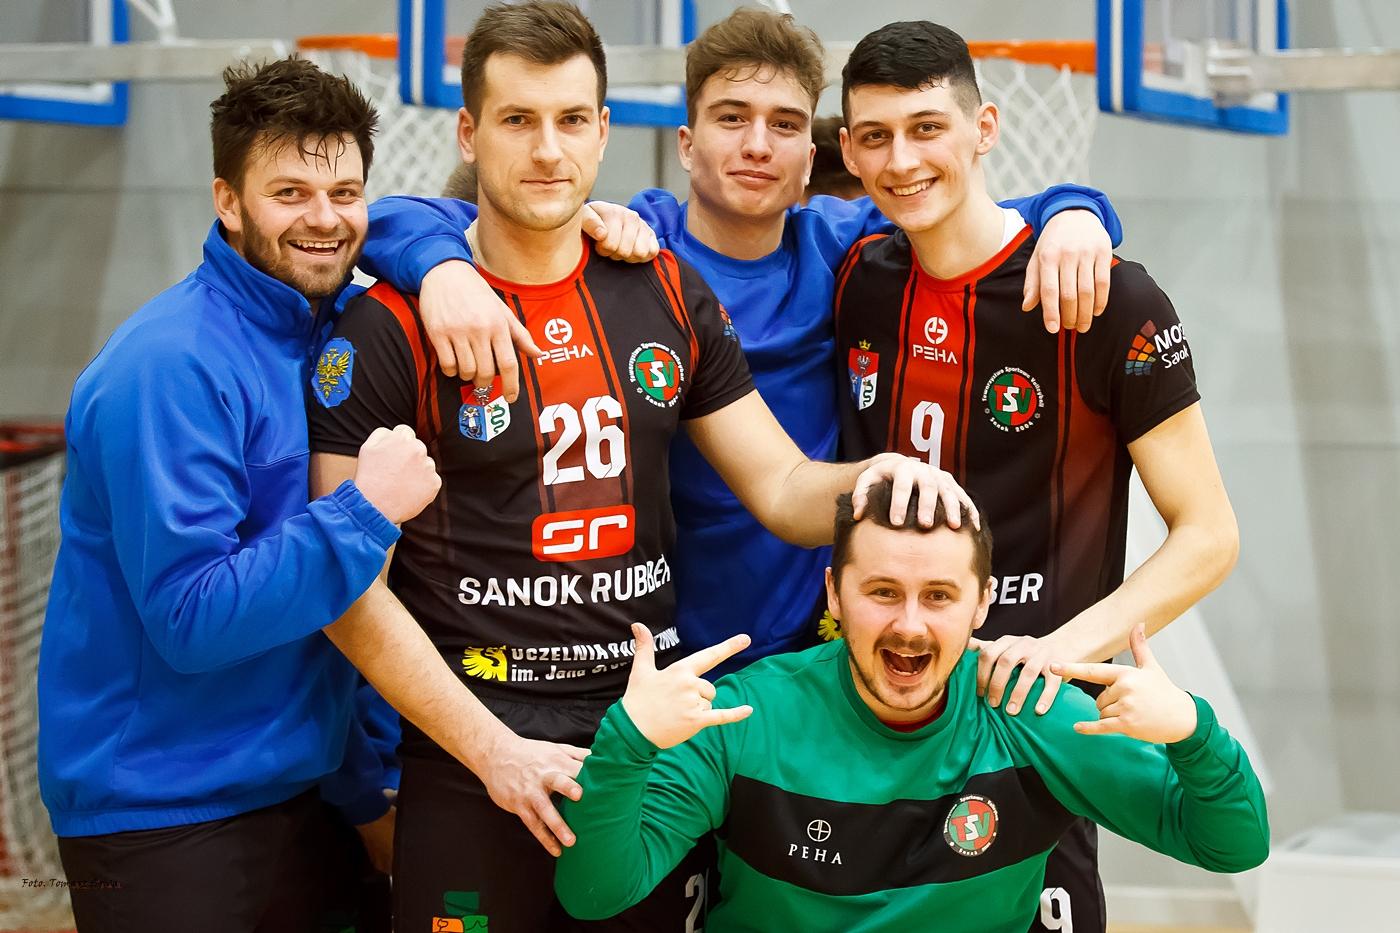 AZS UP TSV Sanok przegrywa na własnym parkiecie w I Lidze Podkarpackiej [FOTO] - Zdjęcie główne